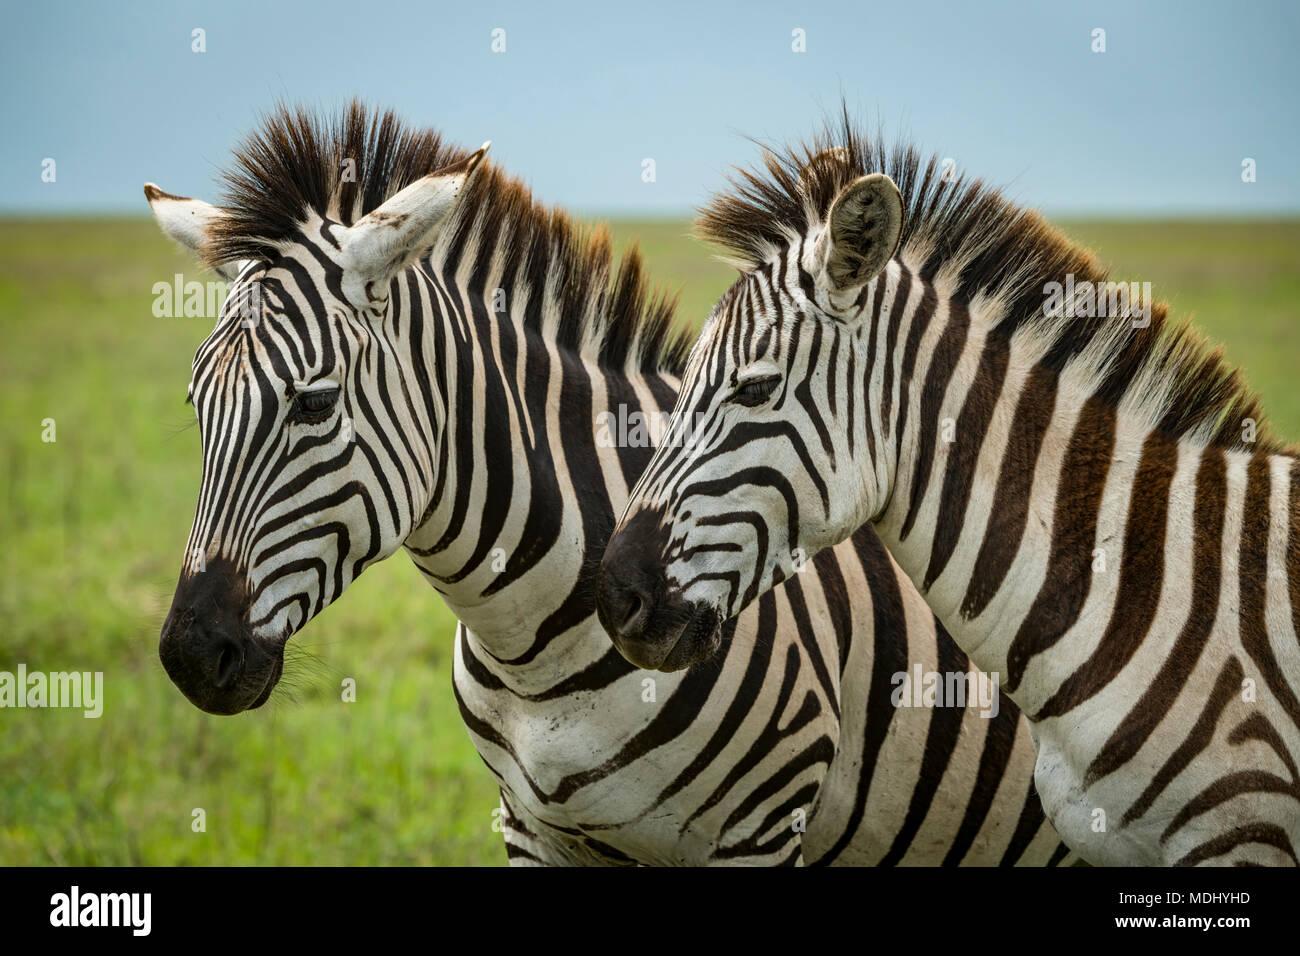 Close-up de dos planicies cebra (Equus quagga) colocado de lado a lado, el cráter del Ngorongoro, Tanzania Imagen De Stock